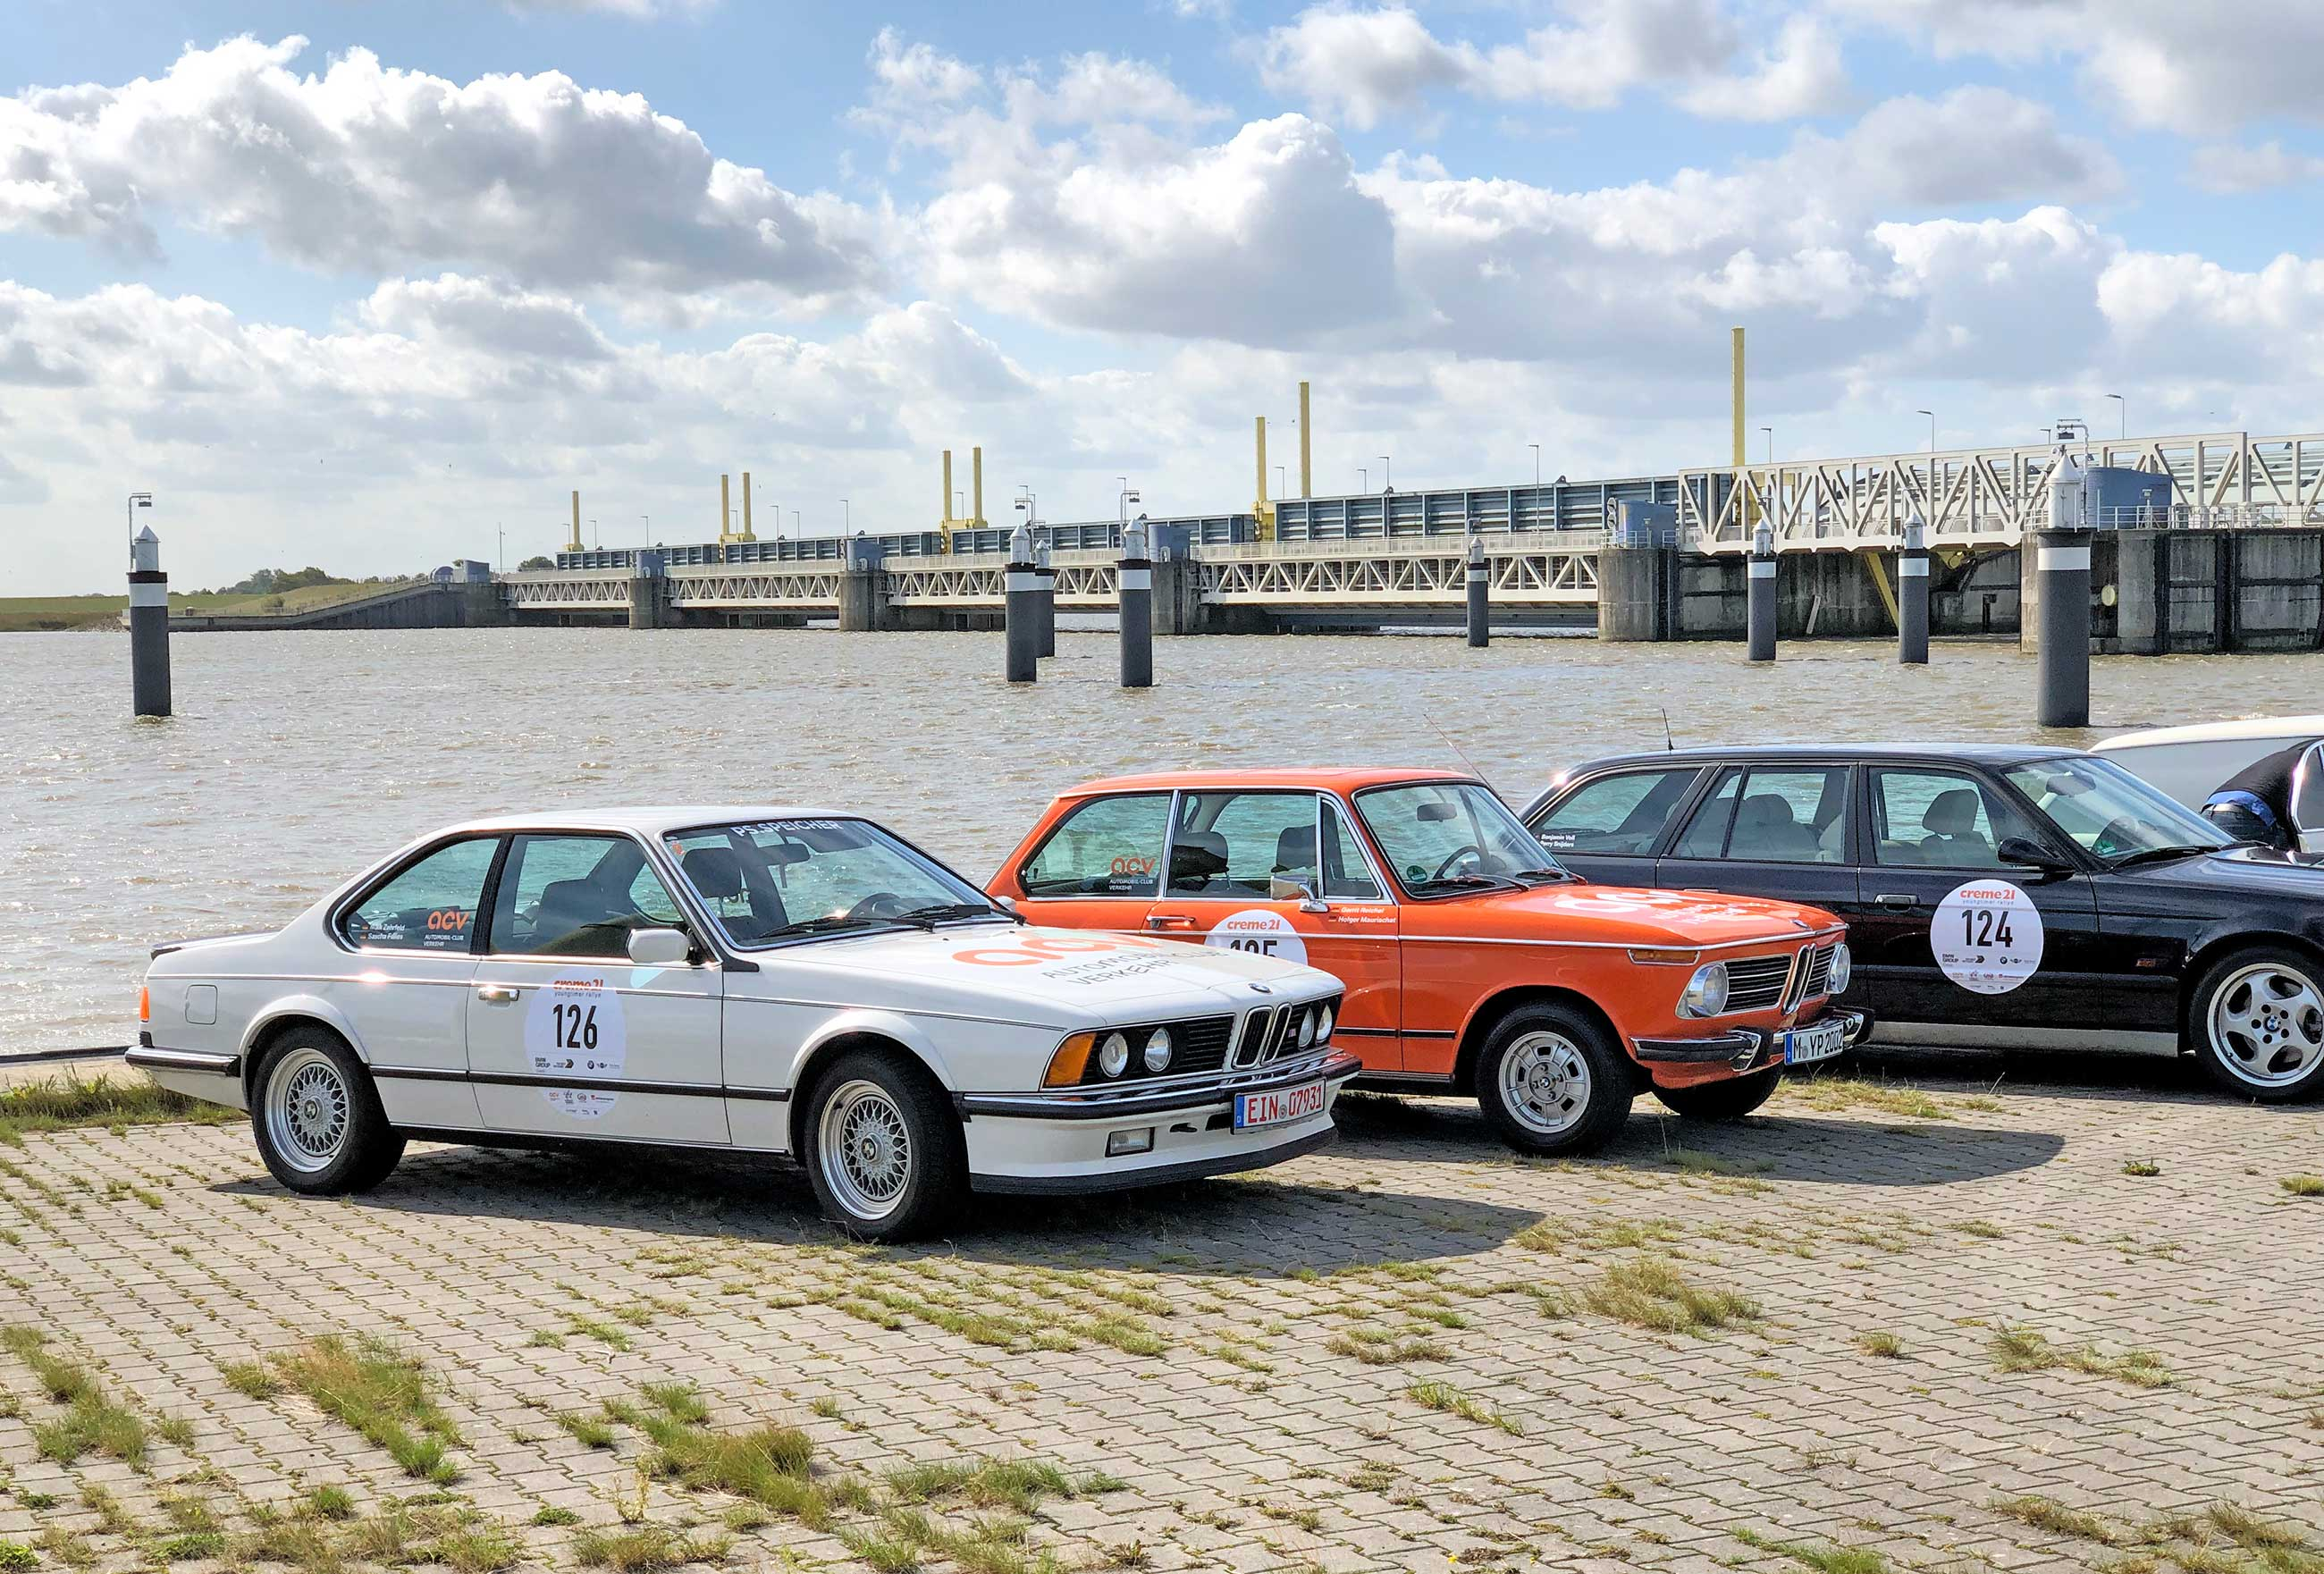 Bericht: Meine Teilnahme an der Creme 21 Youngtimer Rallye 2019 Creme-21-Youngtimer-Rallye-2019_Nachbericht_53